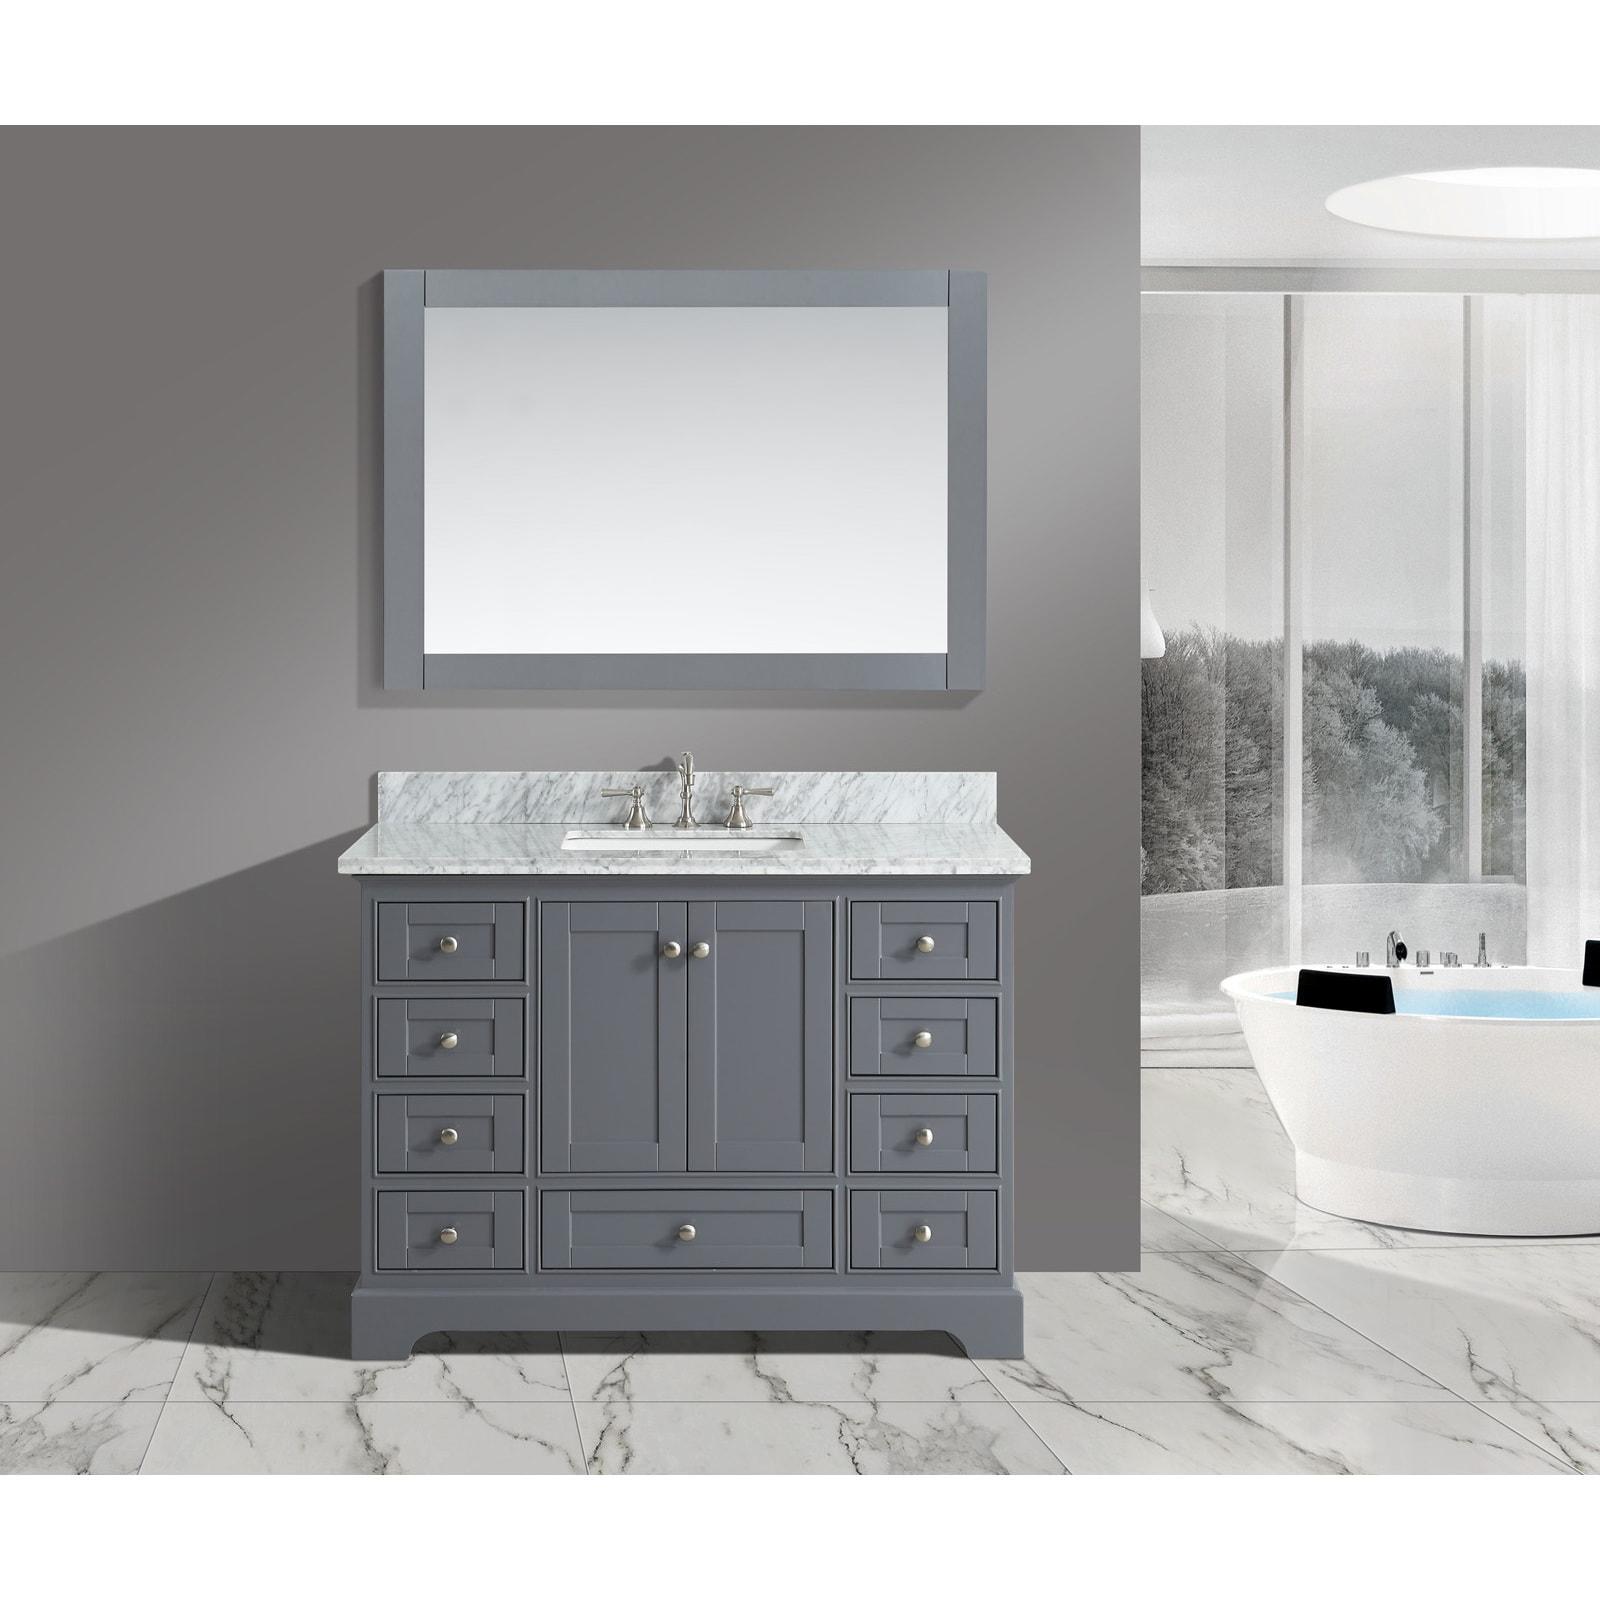 Urban Furnishings Jocelyn Grey Wood 48-Inch Bathroom Sink...